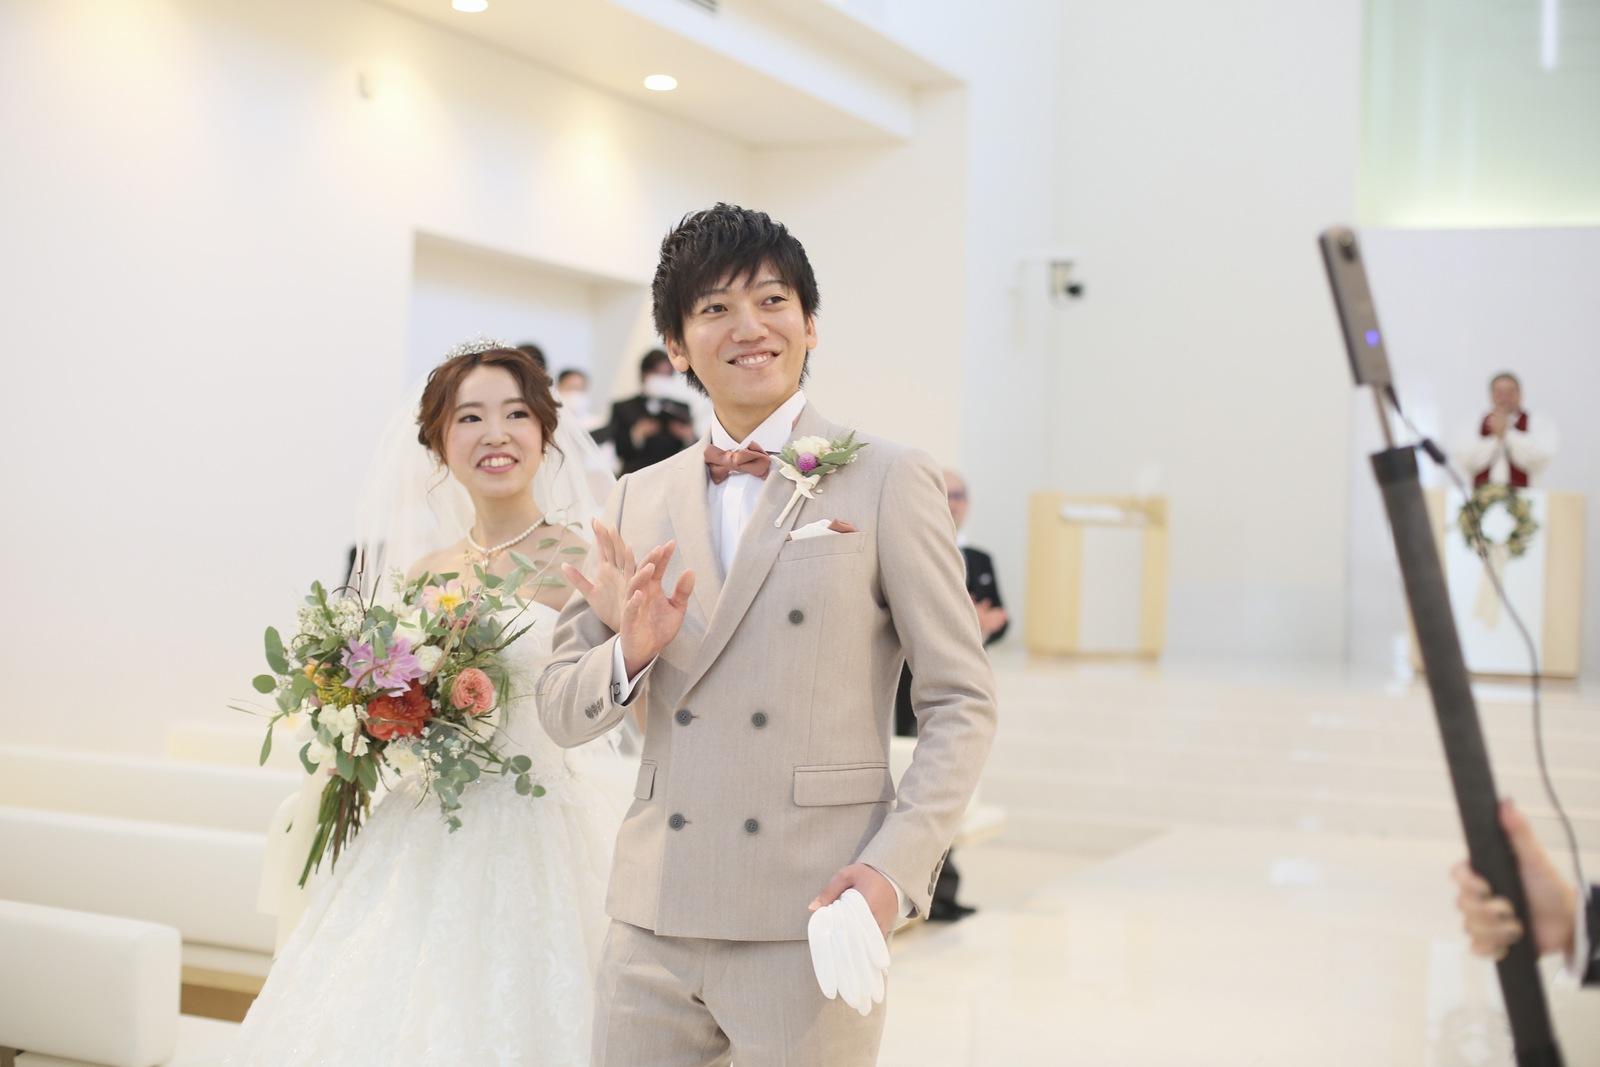 徳島市の結婚式場ブランアンジュでチャペルから退場しながら映像越しにゲストへ挨拶する新郎新婦